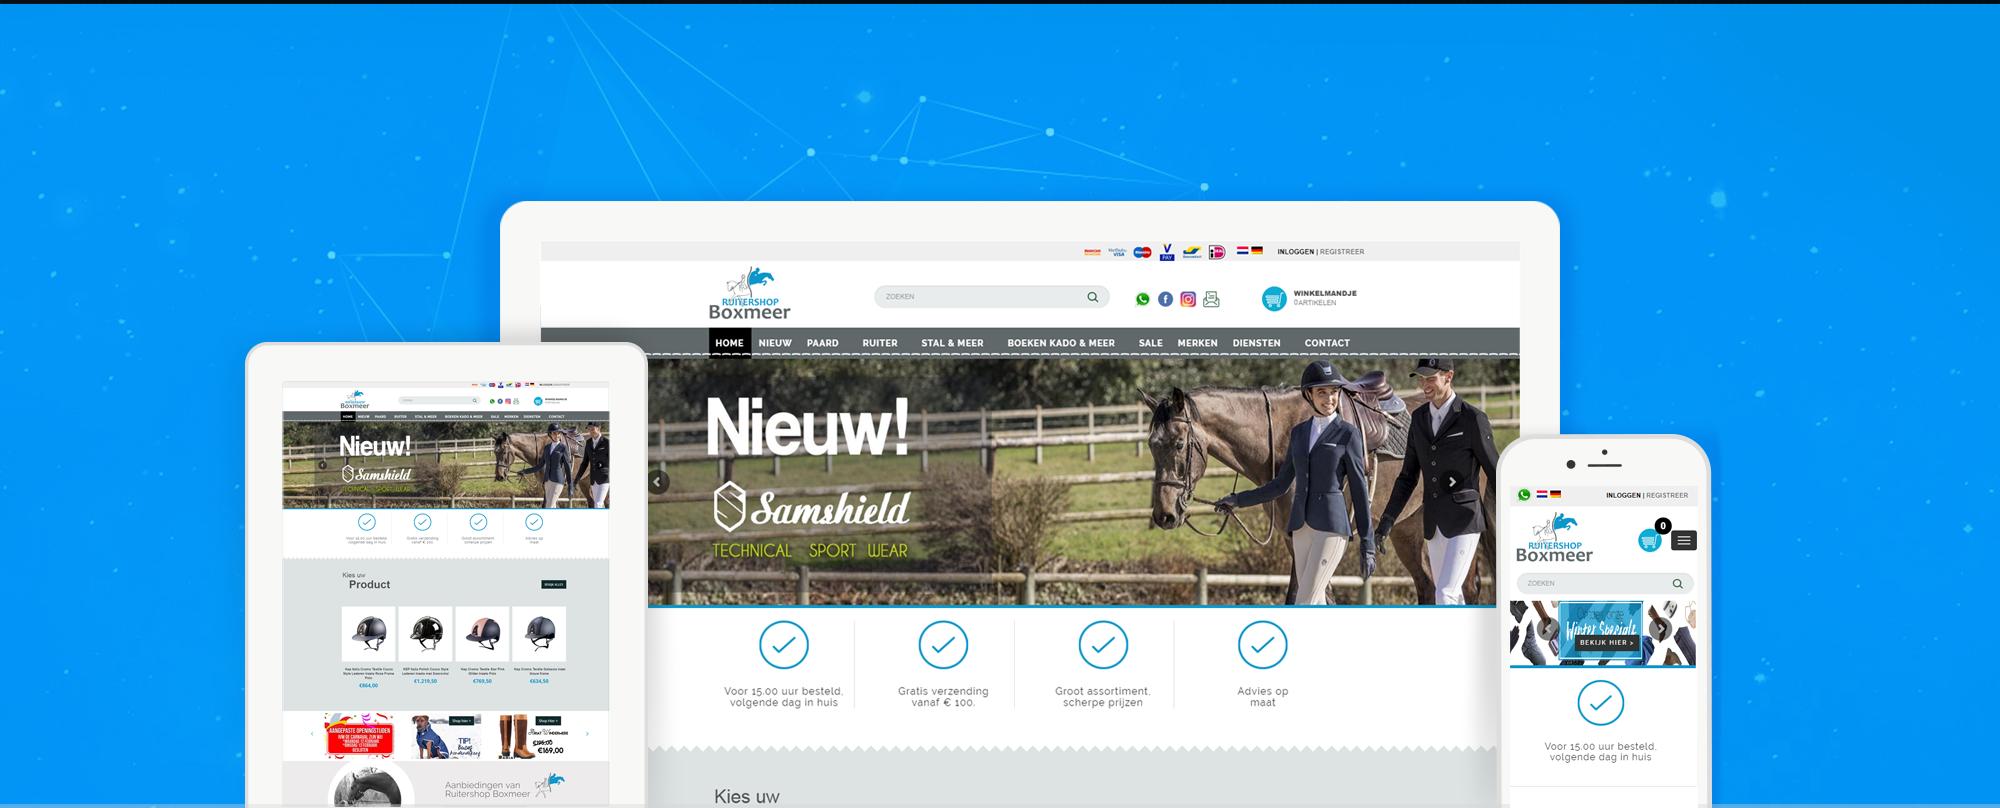 ruitershopboxmeer-webshop